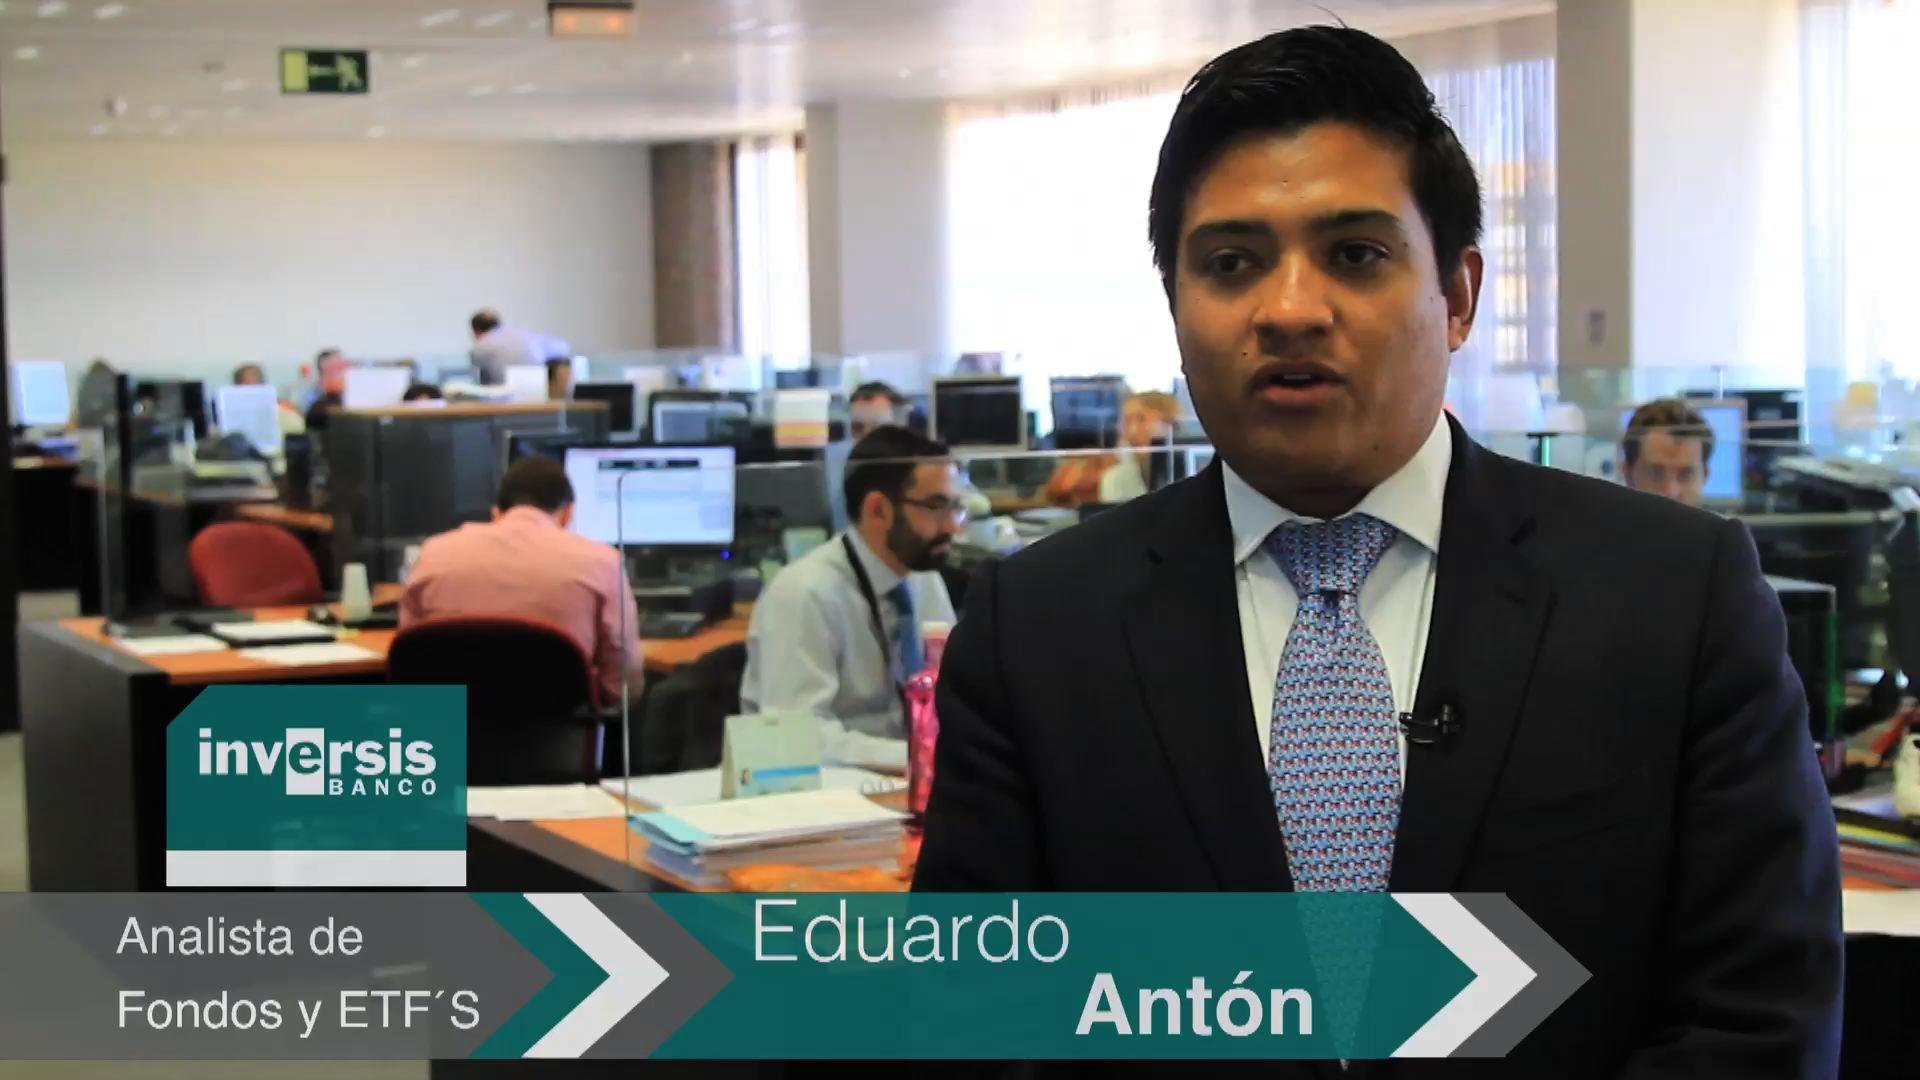 Eduardo Antón: «Antes de vacaciones, el inversor debe revisar su cartera para minimizar la volatilidad»